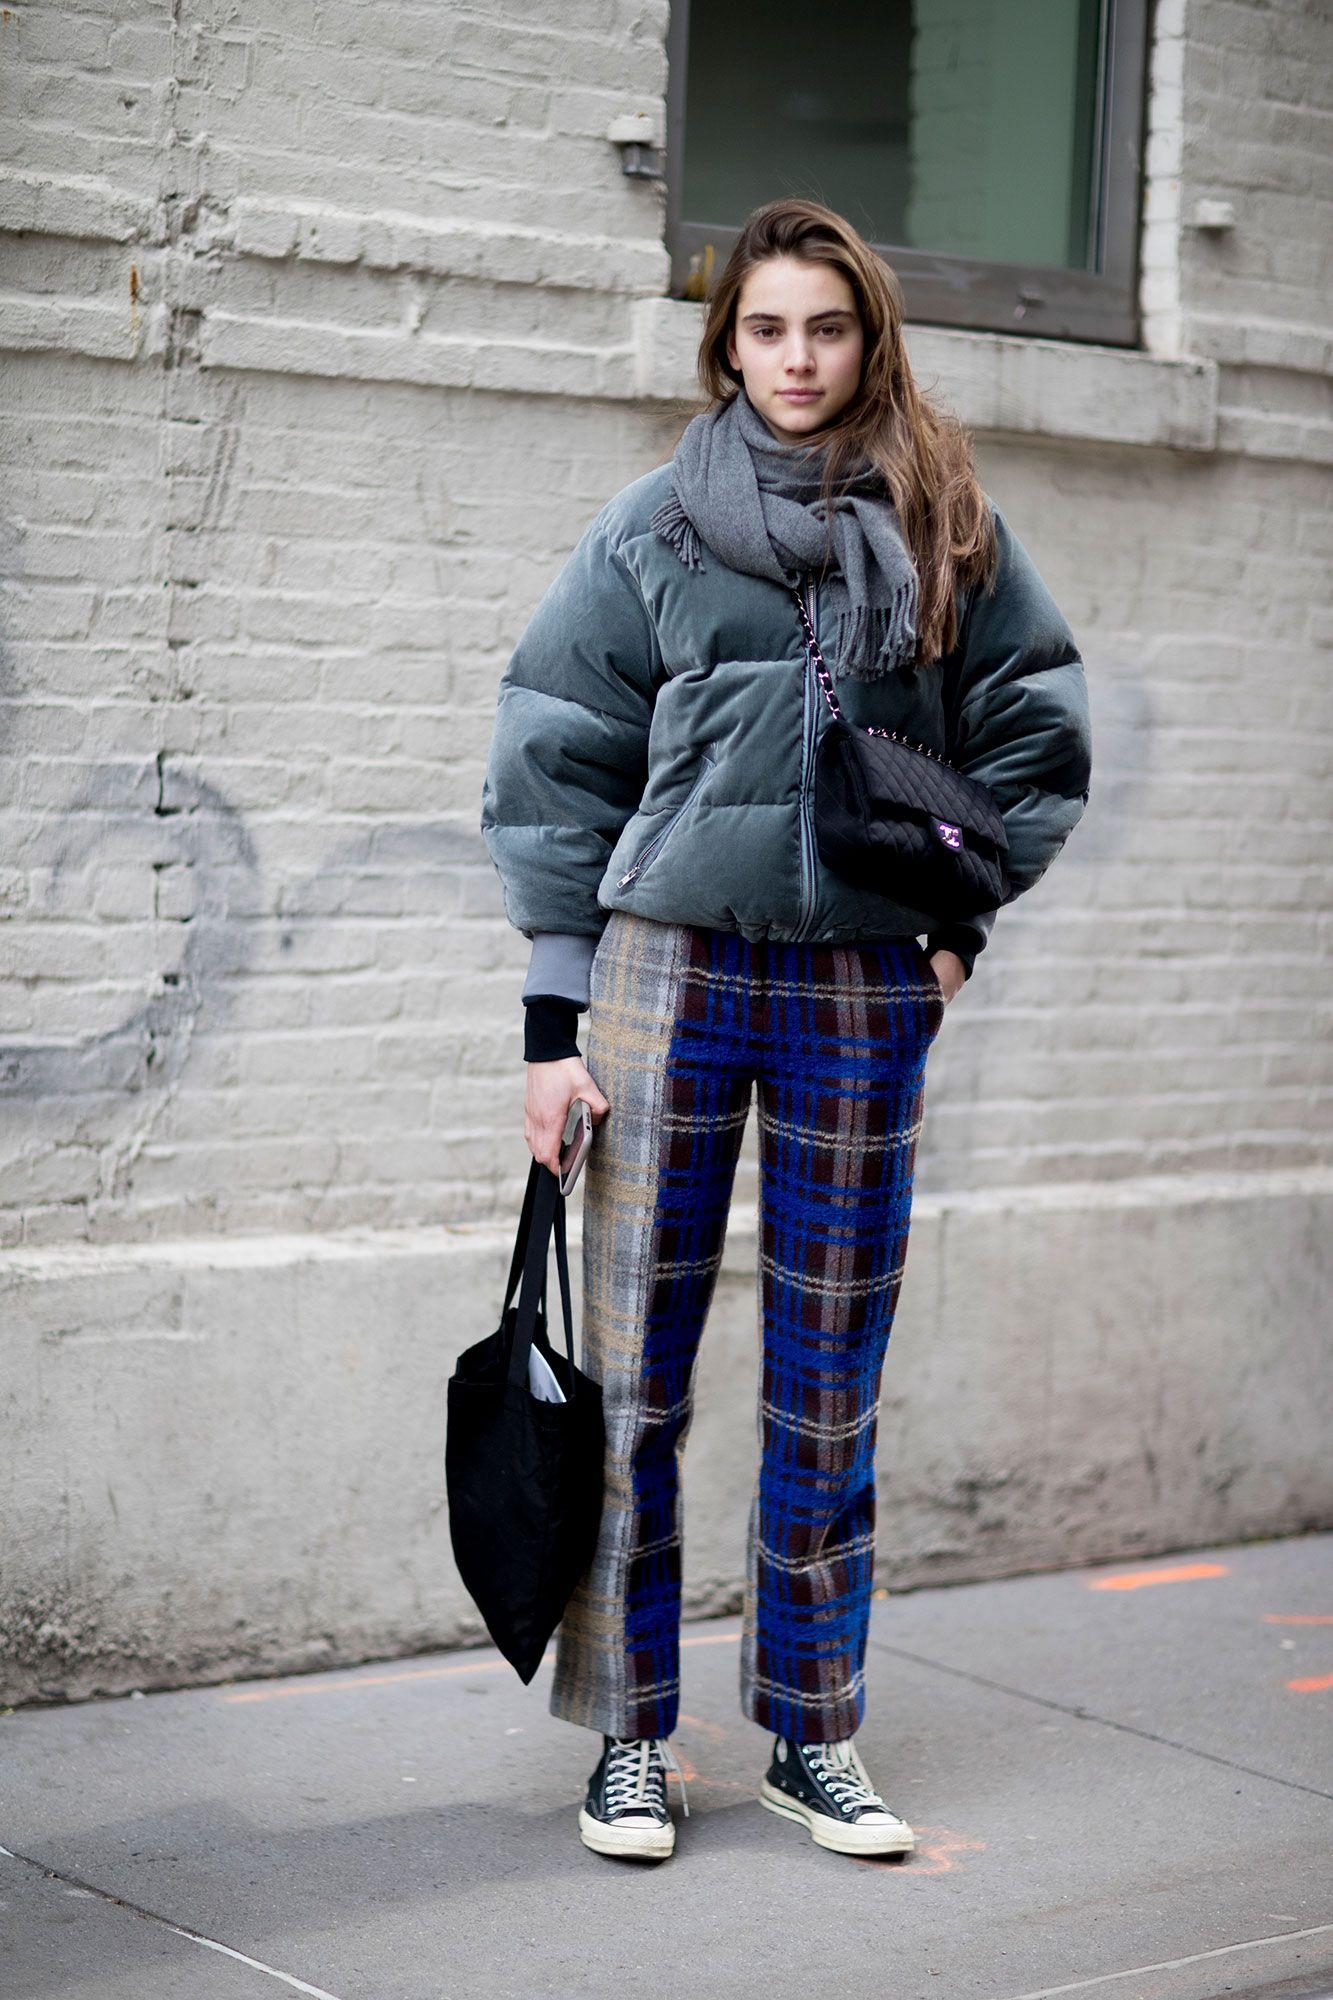 Piumini Inverno 2019: quelli di Zara sono la tendenza must have